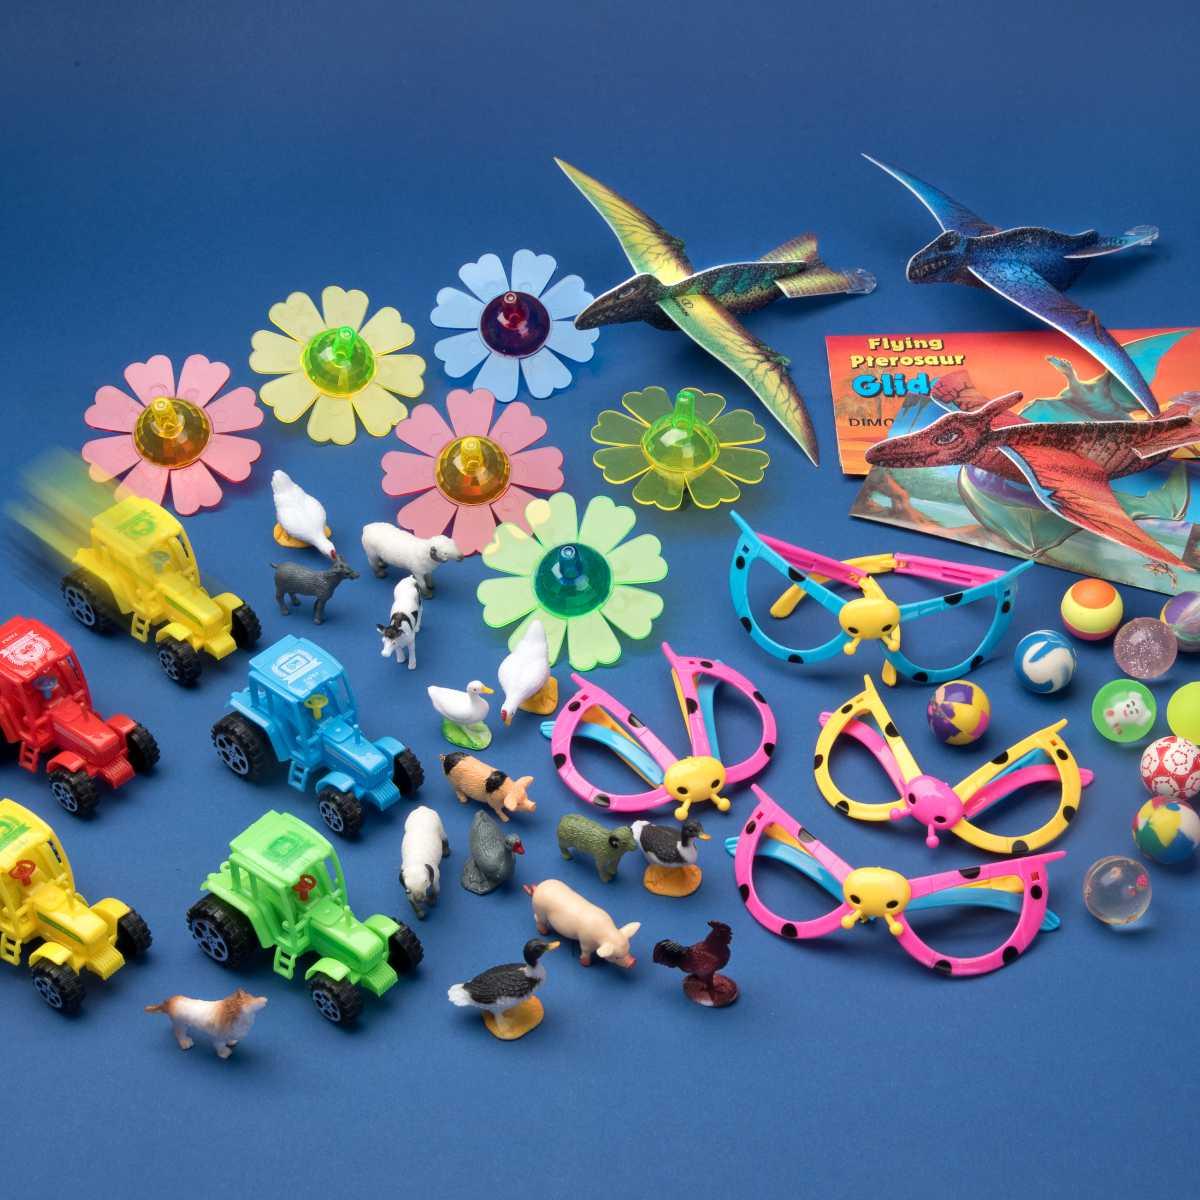 Spielsachen-Mix